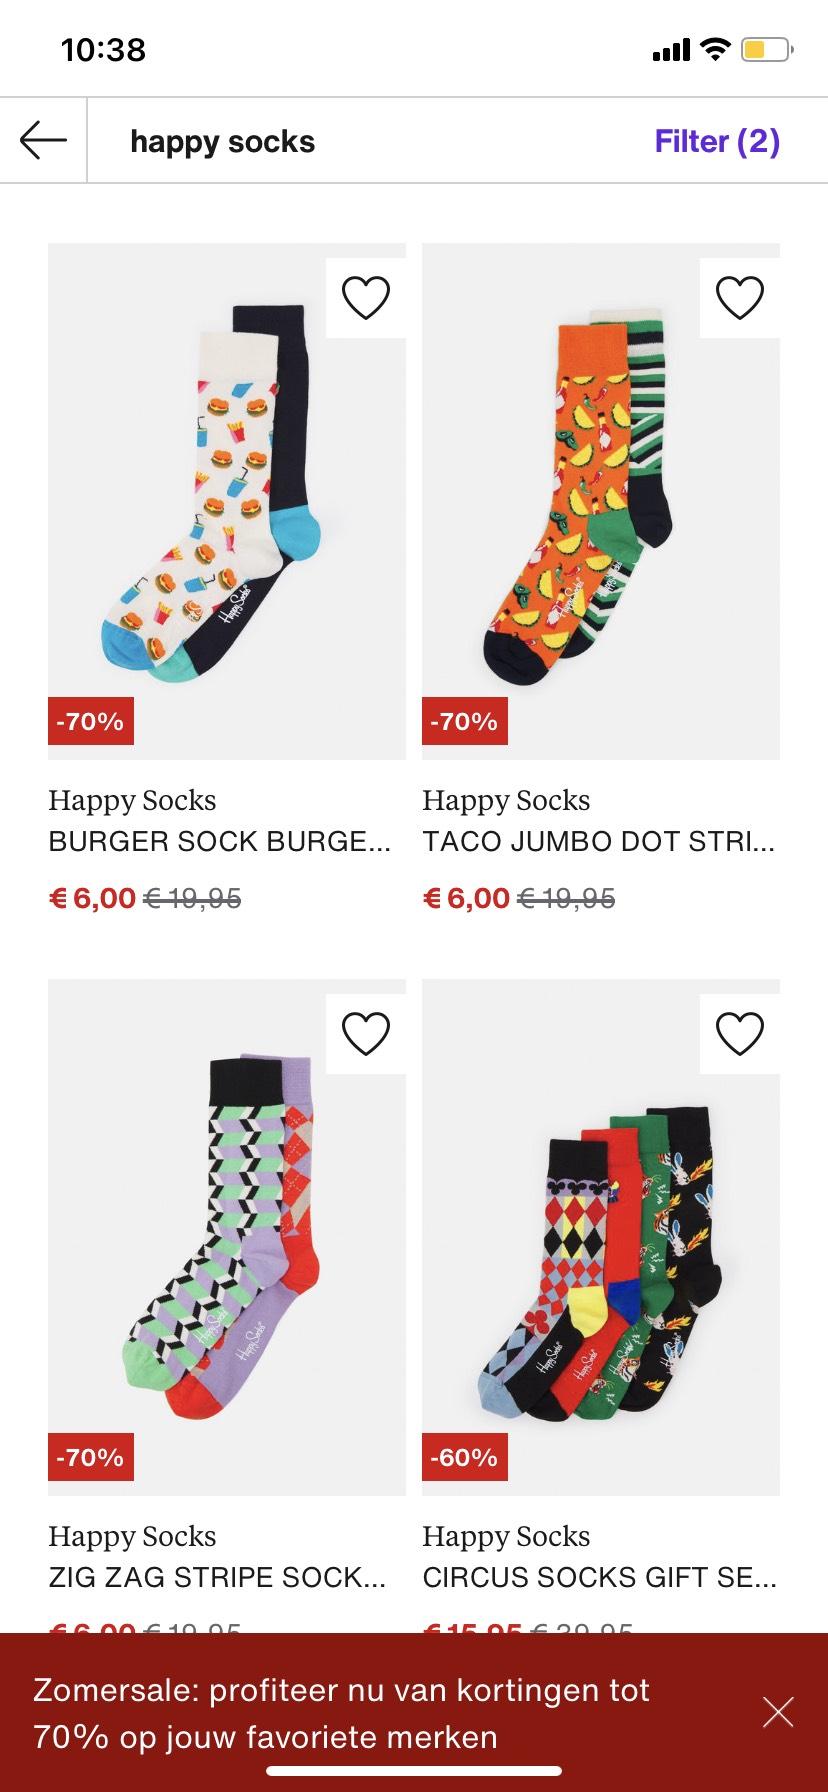 Diverse happy socks met hoge korting